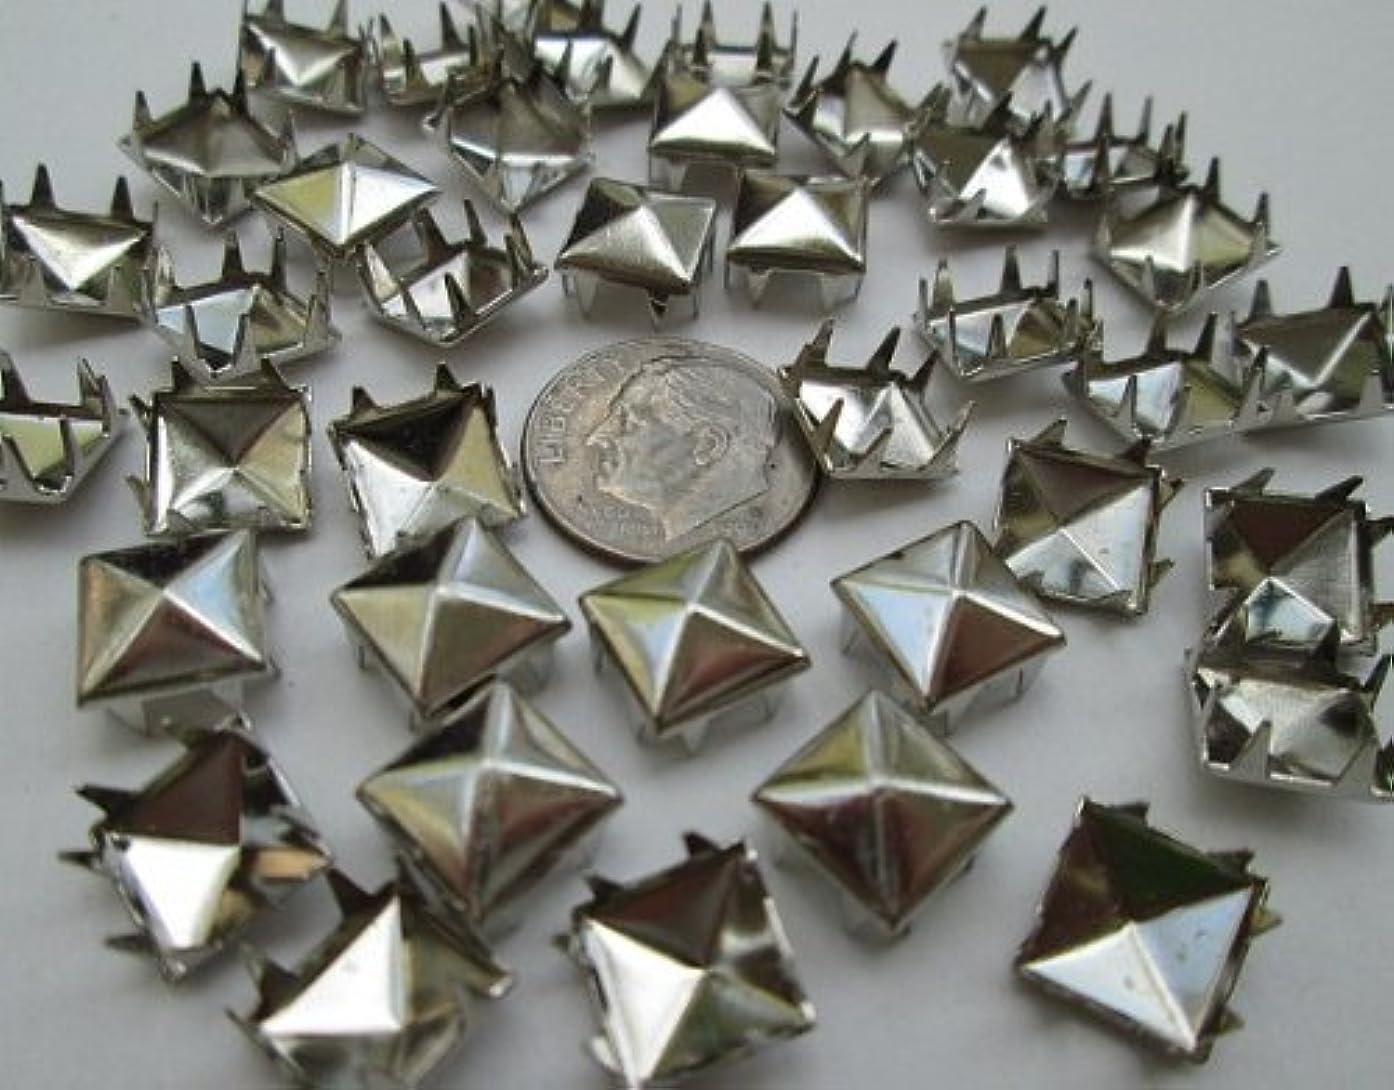 Nailheads Spots Pyramid Studs 706 8-prong 5/16